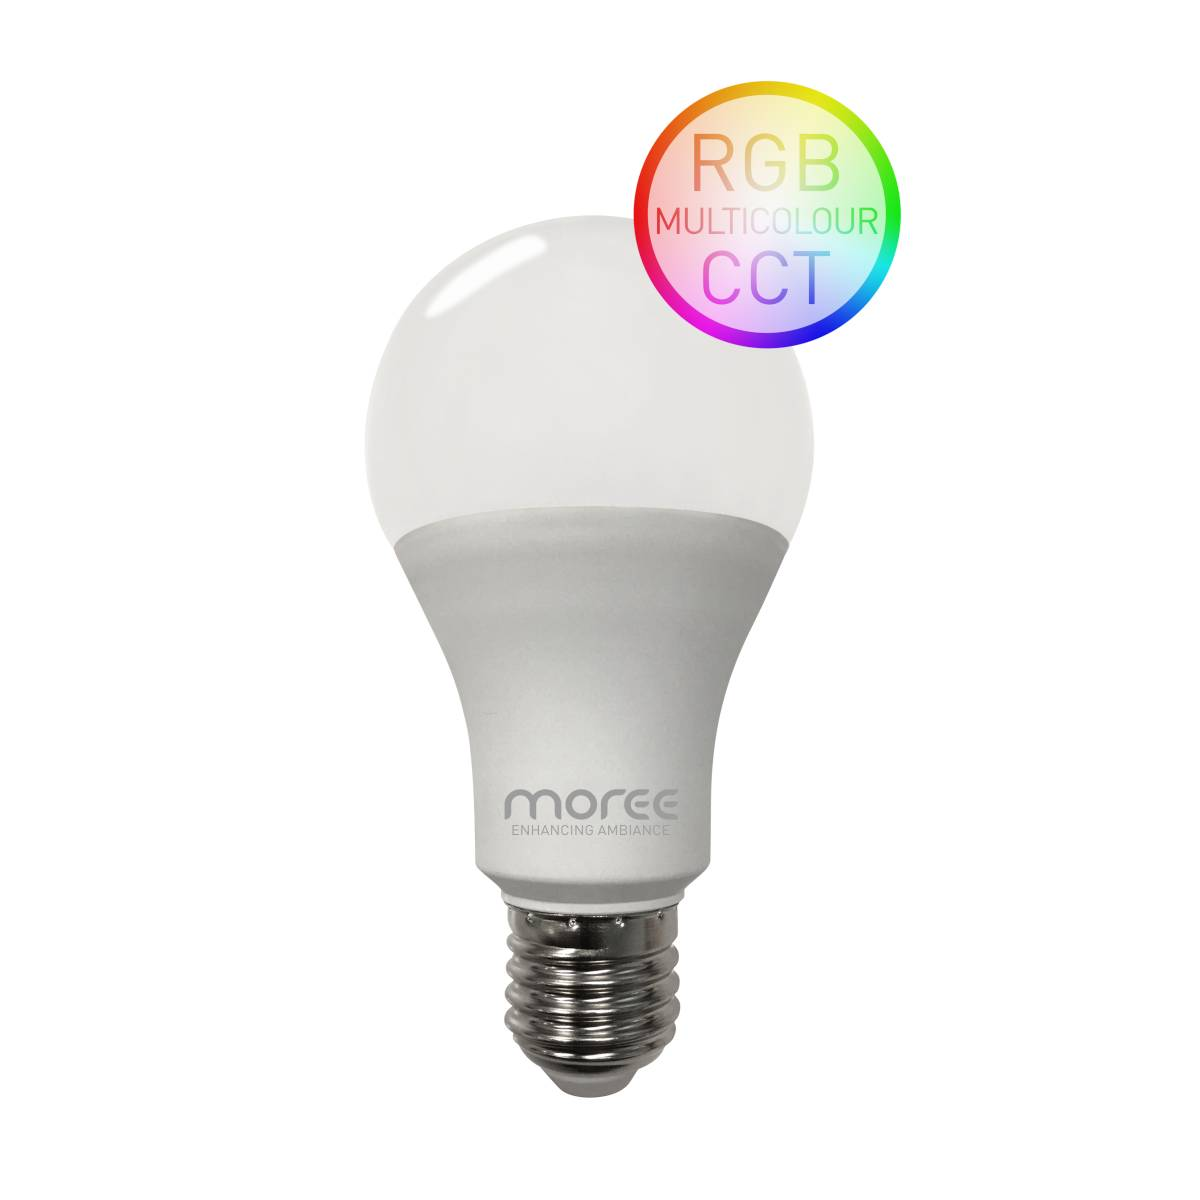 LED RGB Leuchtmittel WLAN für Alexa und Google Assistent